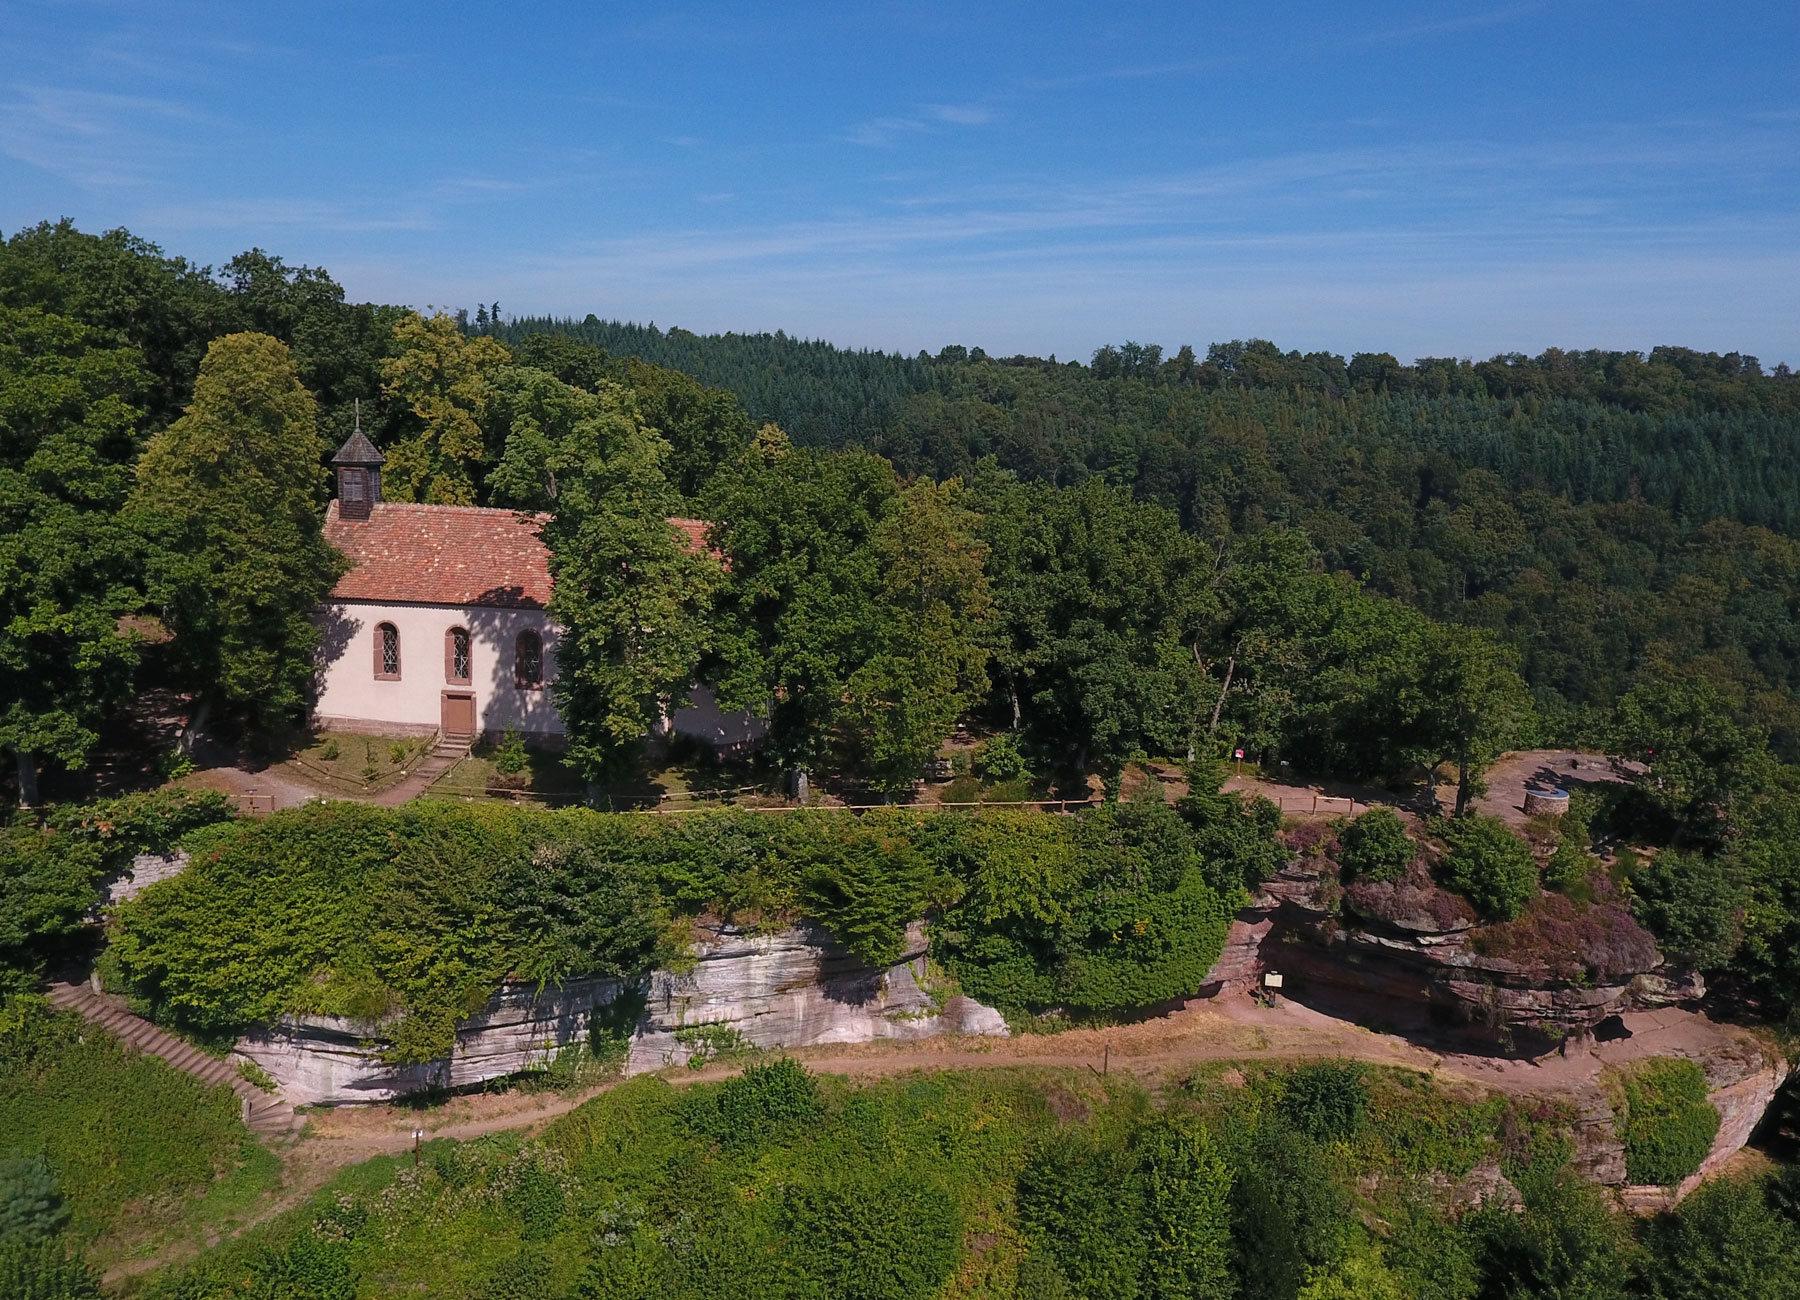 Office de tourisme du pays de saverne tour du mont saint michel - Office tourisme mont st michel ...